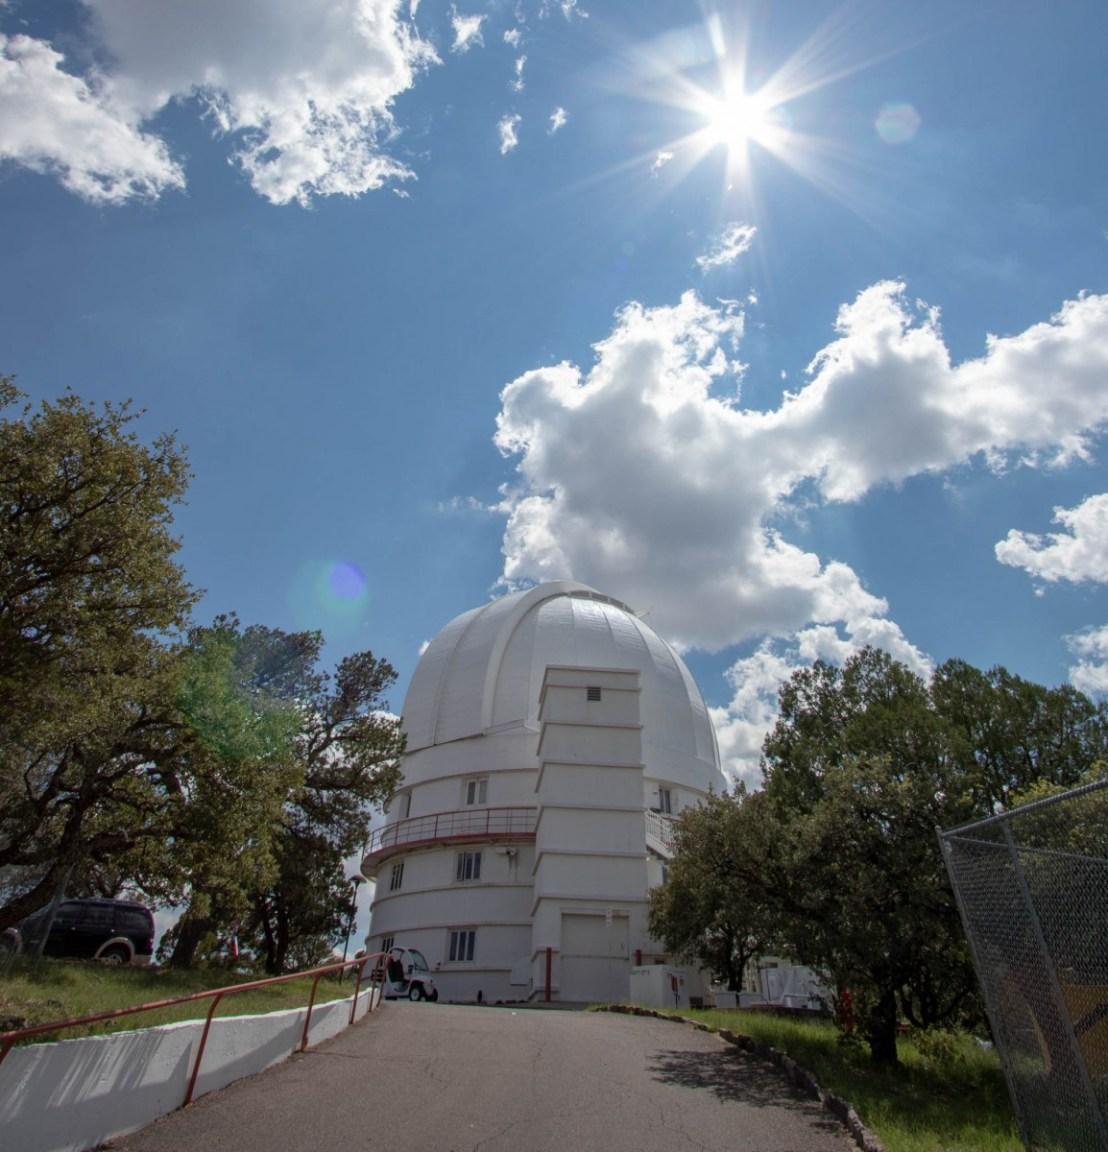 Otto Struve Telescope - Rear View